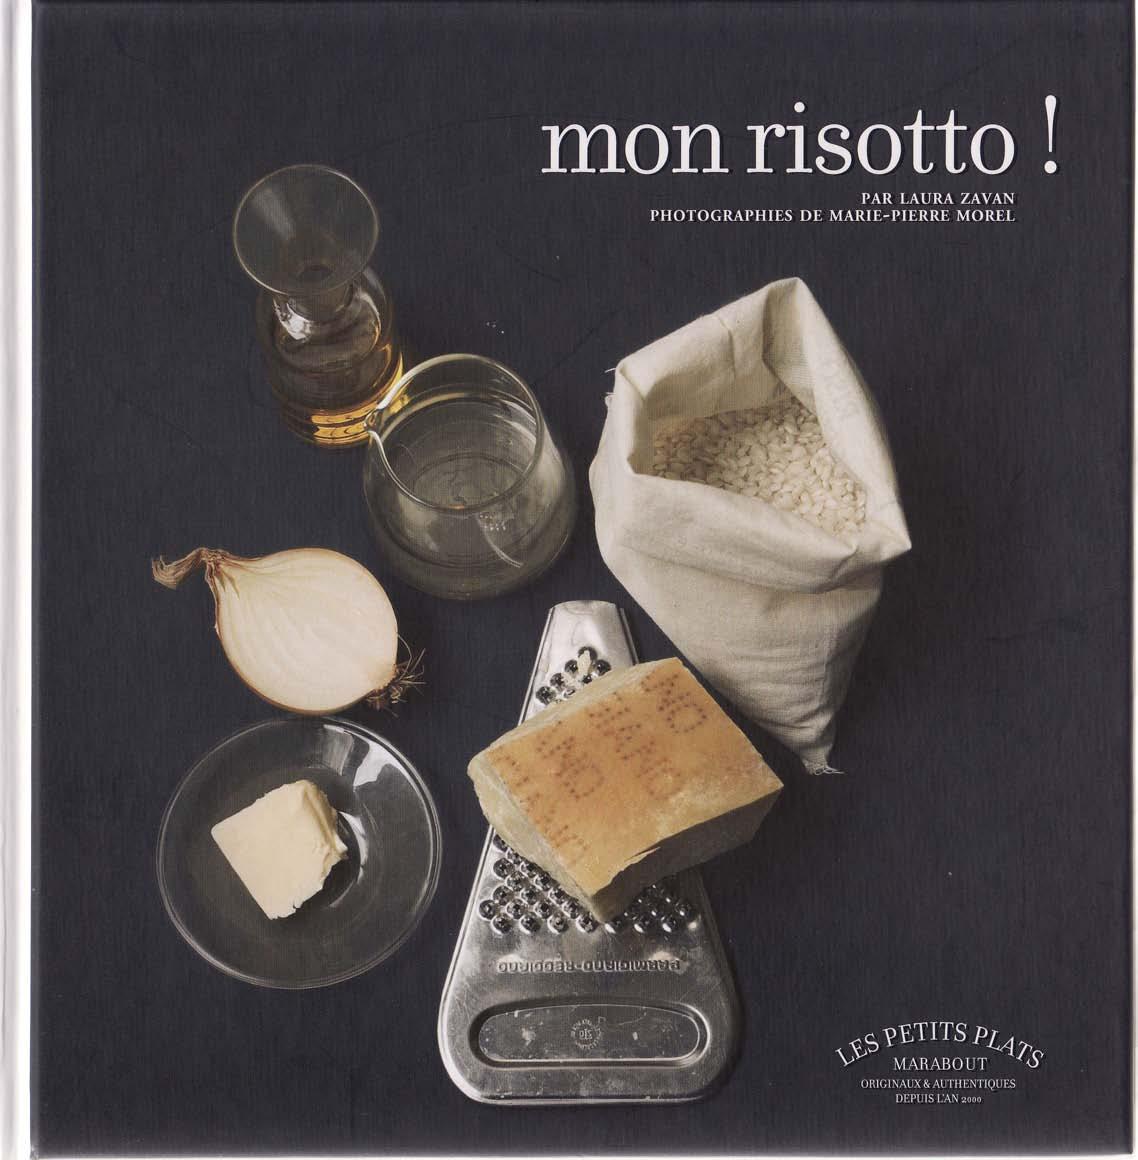 Mon risotto, éditions Marabout par Laura Zavan